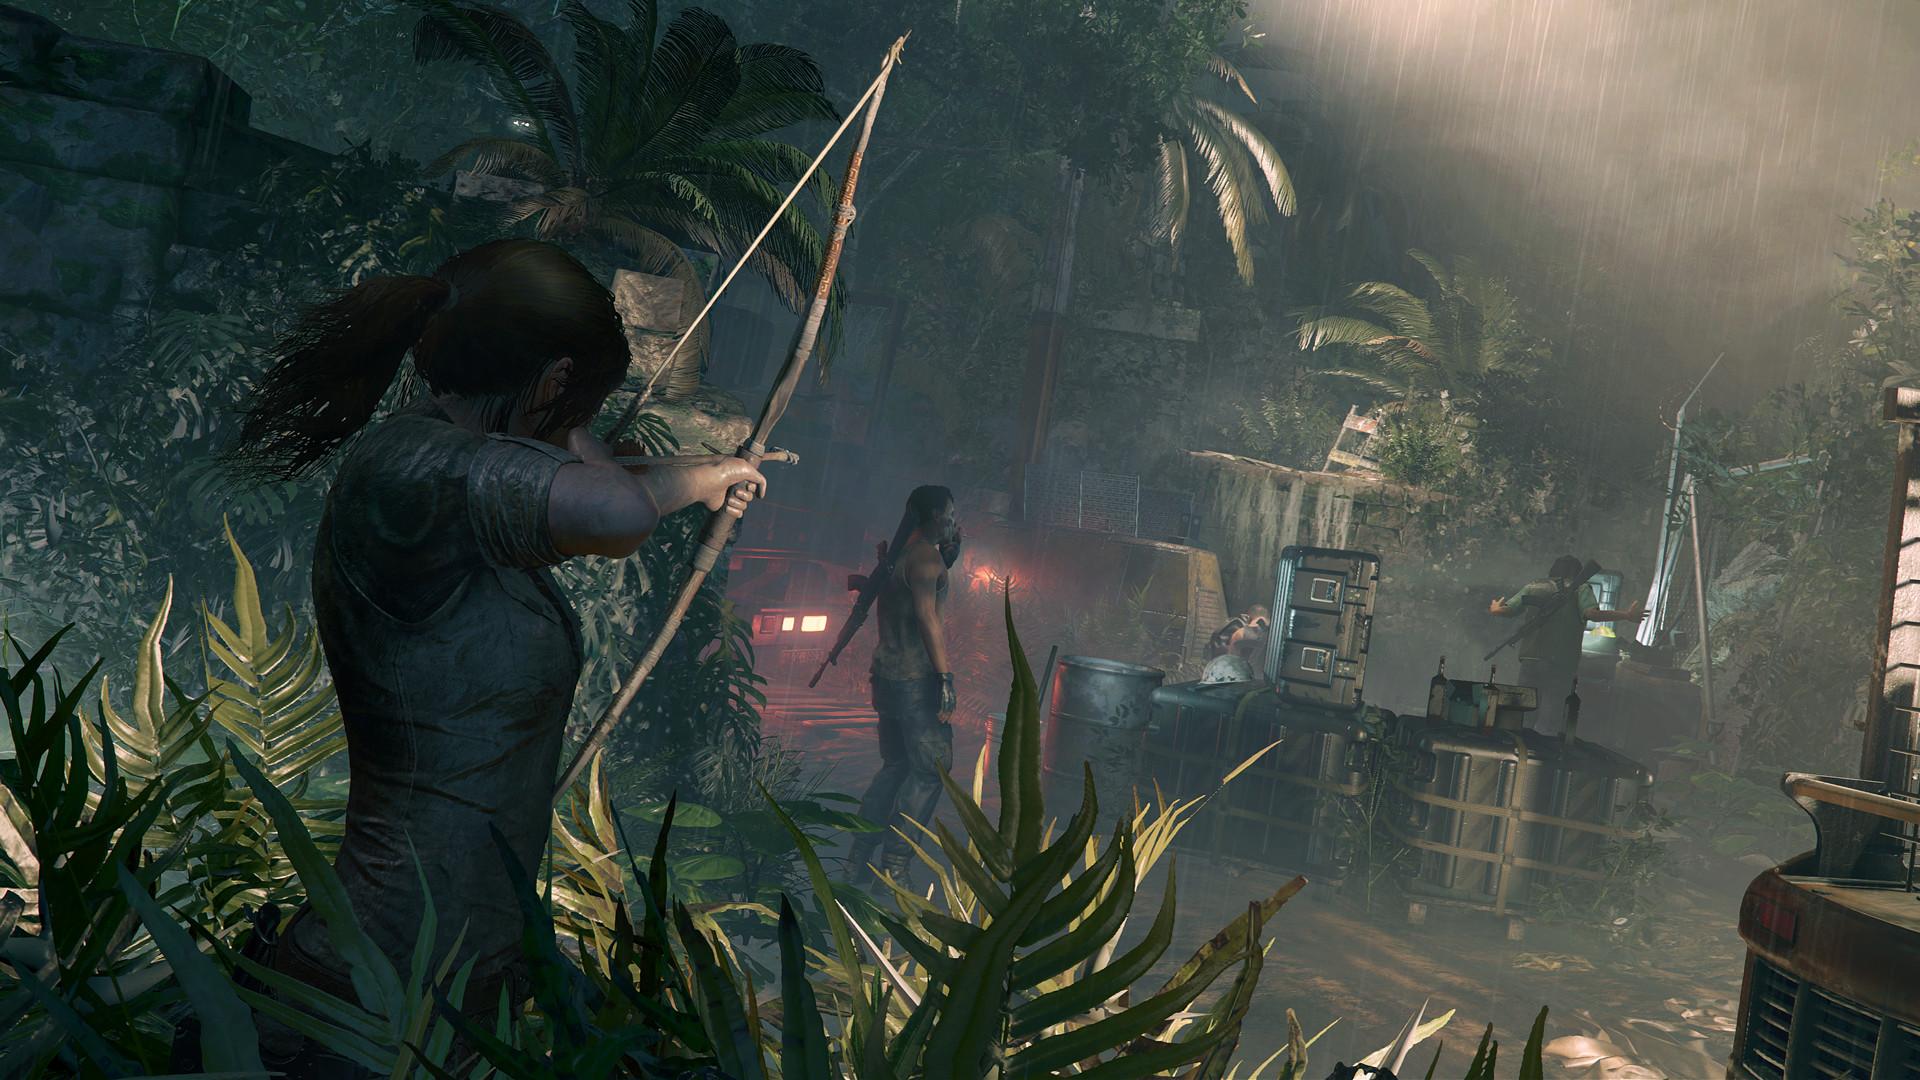 В новом трейлере Shadow of the Tomb Raider показали загадочные гробницы и руины